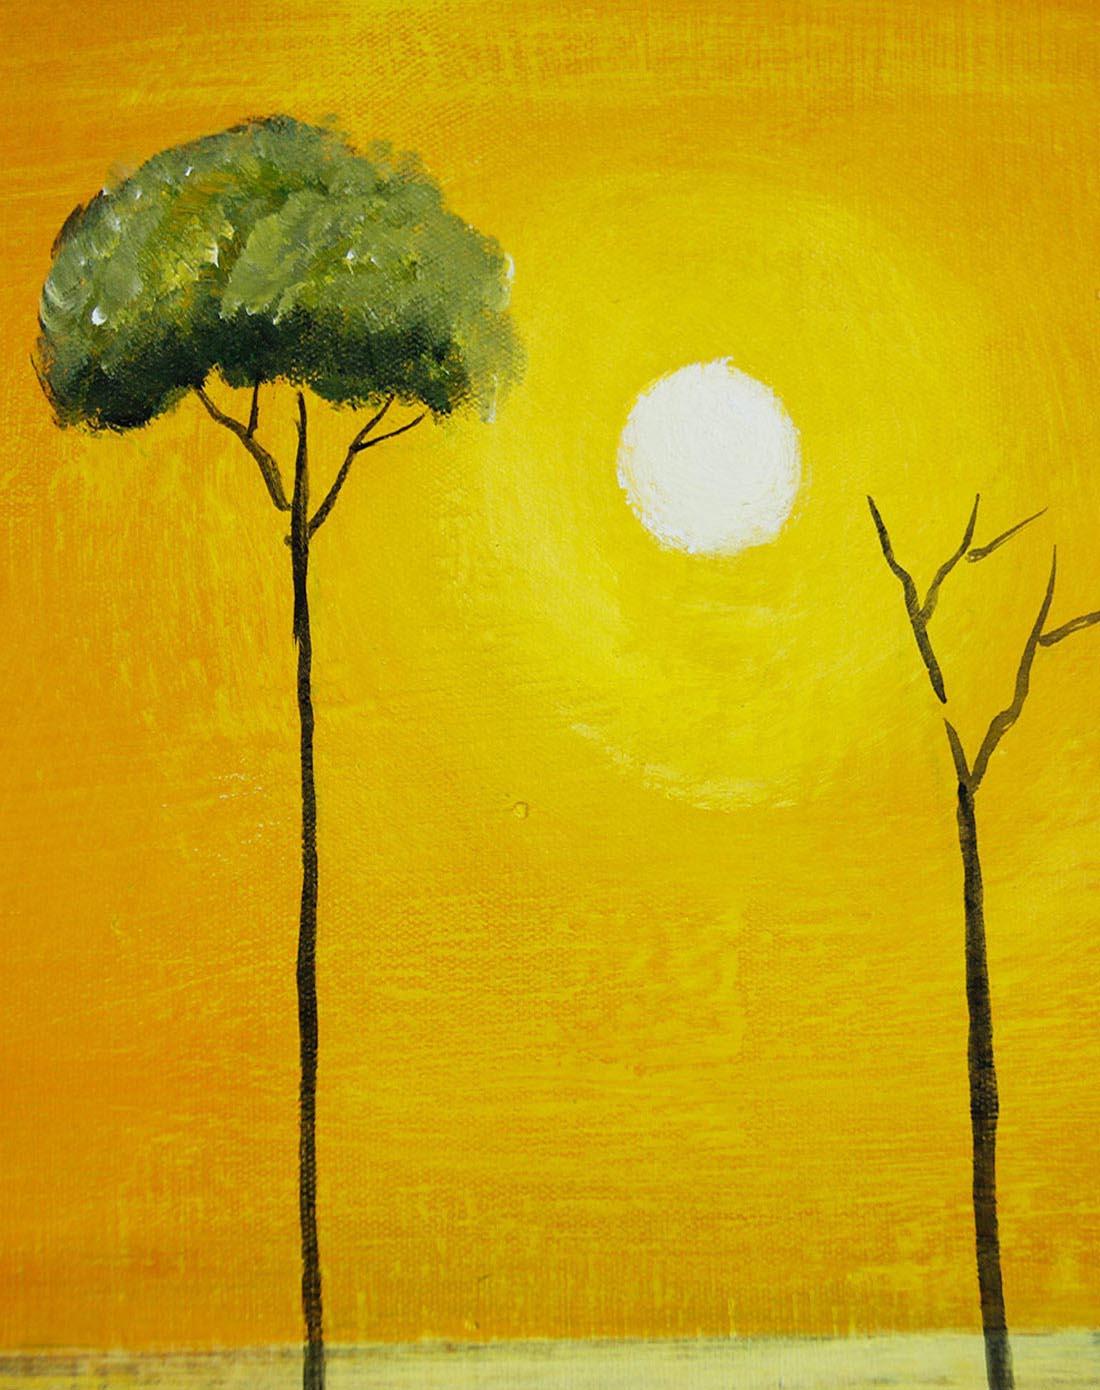 宜生活 《树之倒影》纯手绘油画